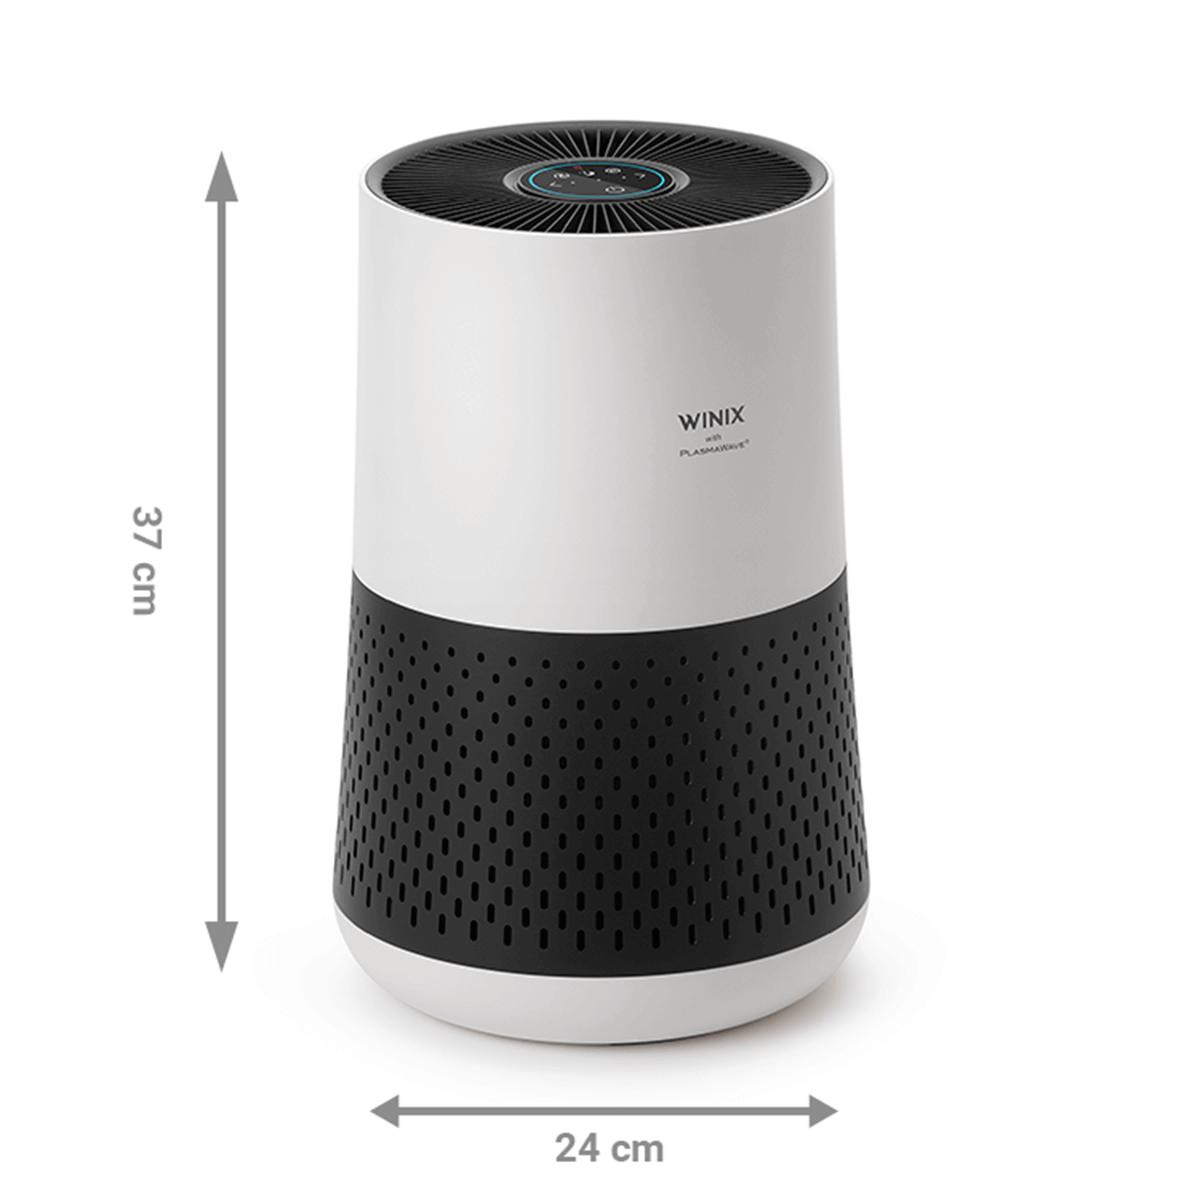 Winix zero compact hava temizleme cihazı boyutlar